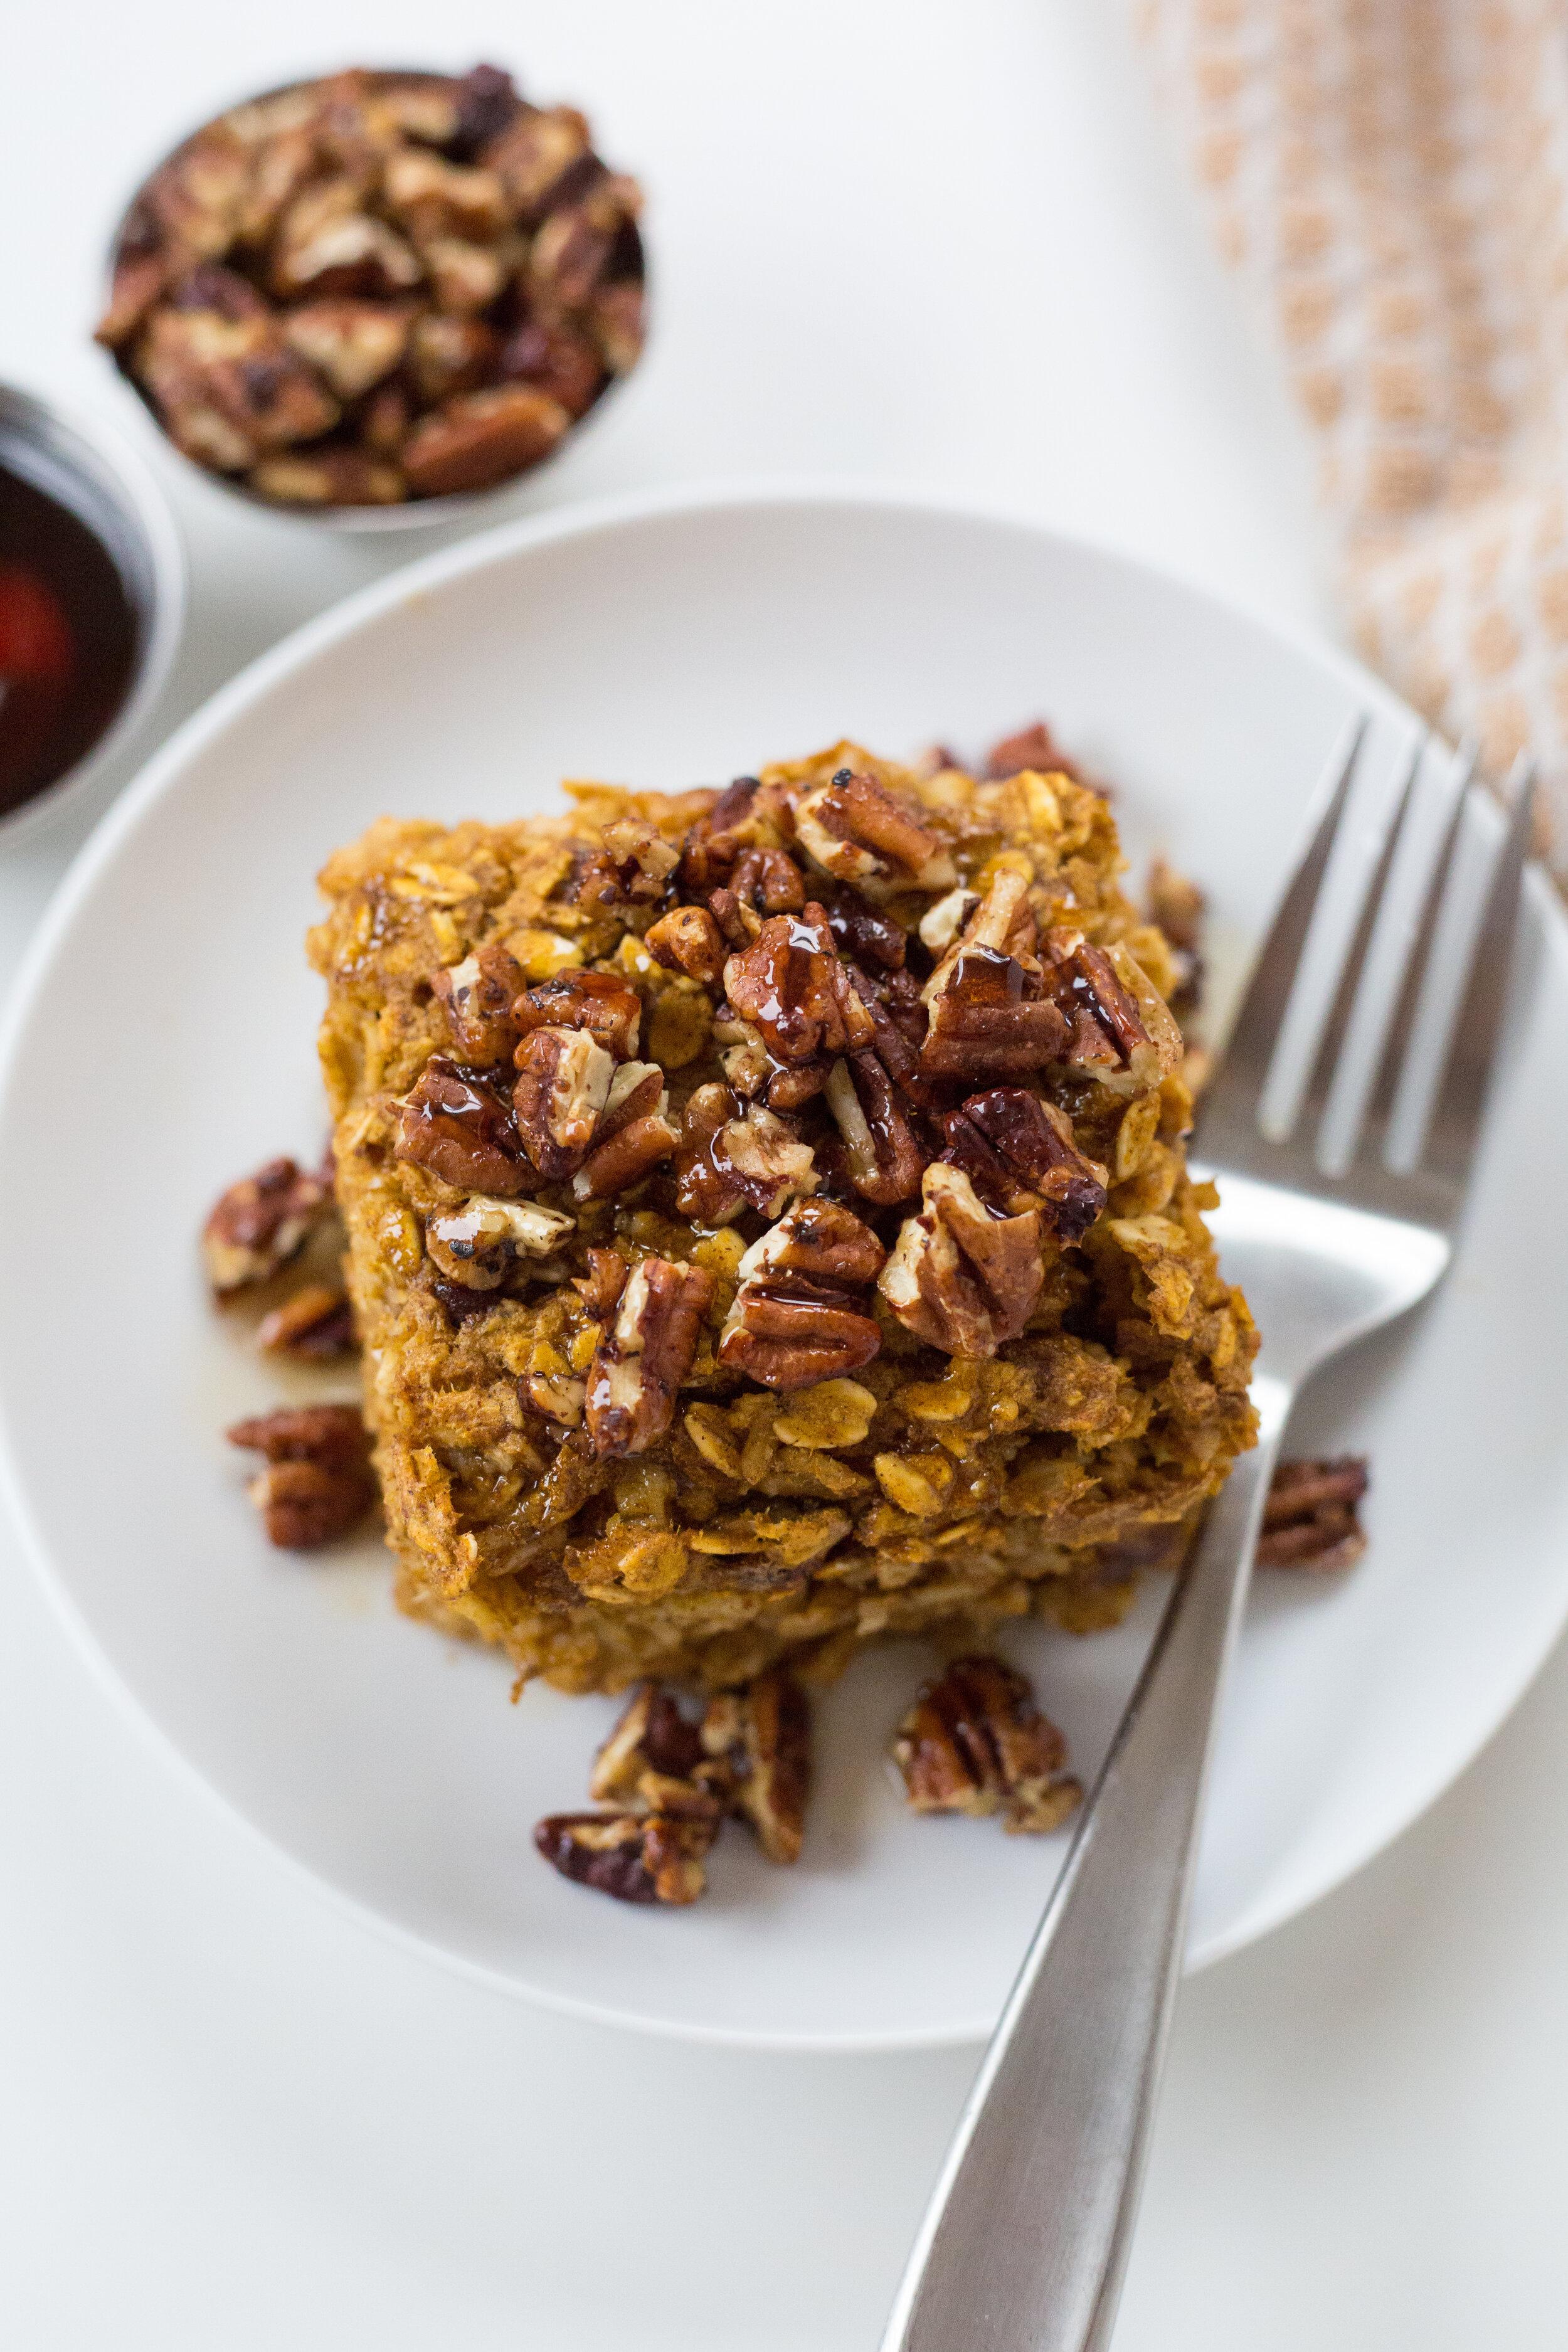 Pumpkin Spice Oatmeal Bake, Gluten Free, Dairy Free, Healthy Breakfast, Breakfast Recipe, Fall, Oatmeal, Simple Breakfast Recipe, Define Fettle